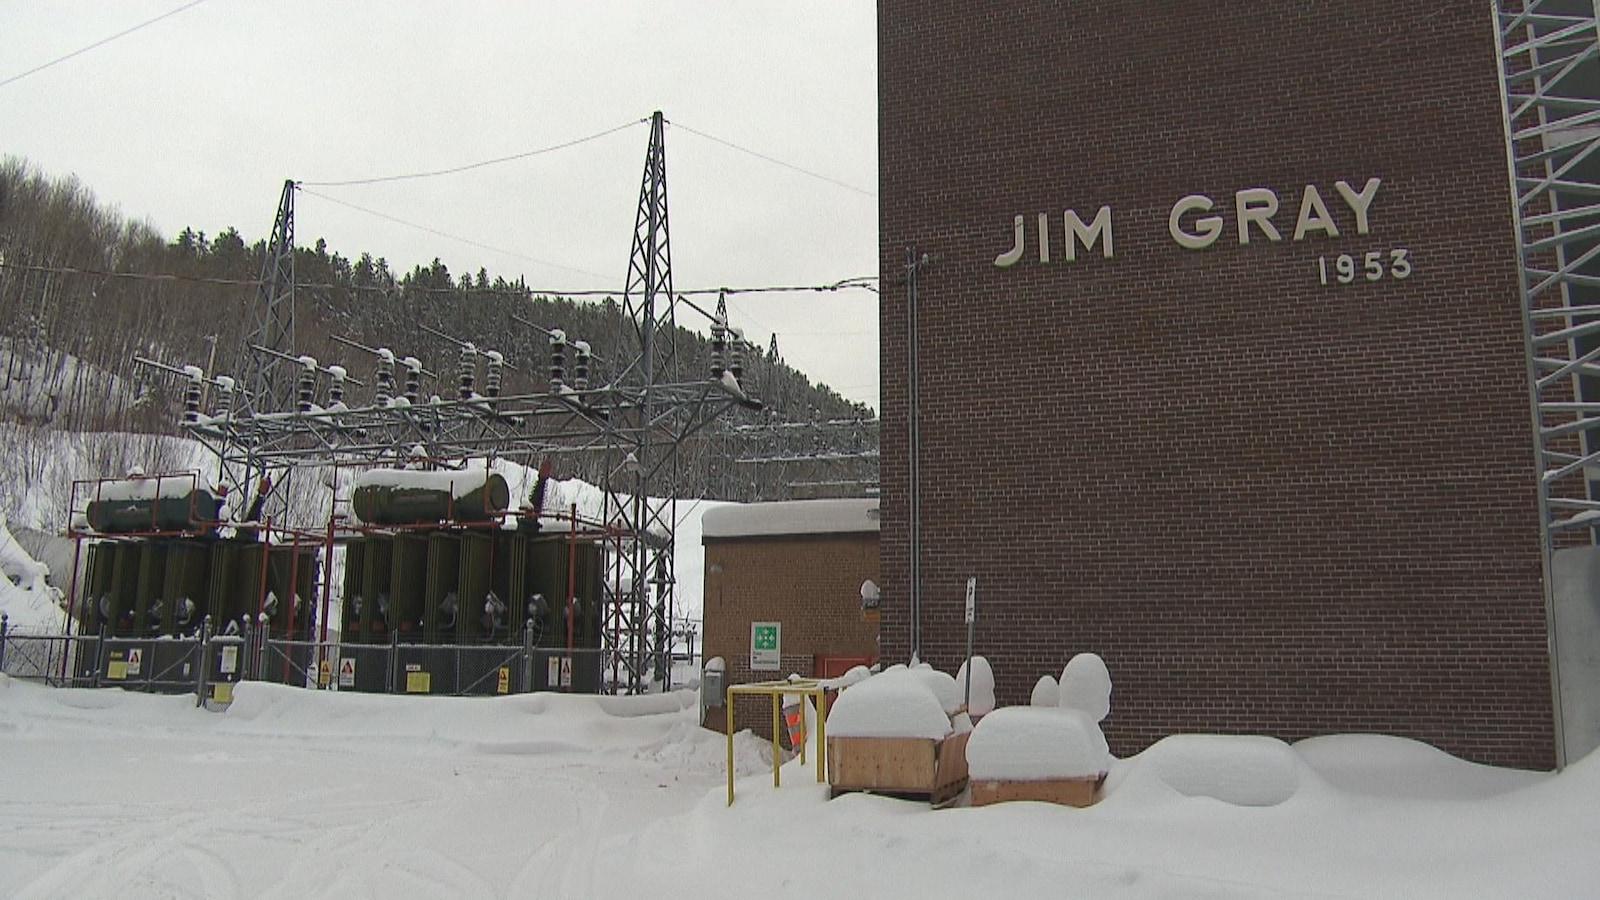 La centrale Jim-Gray en hiver